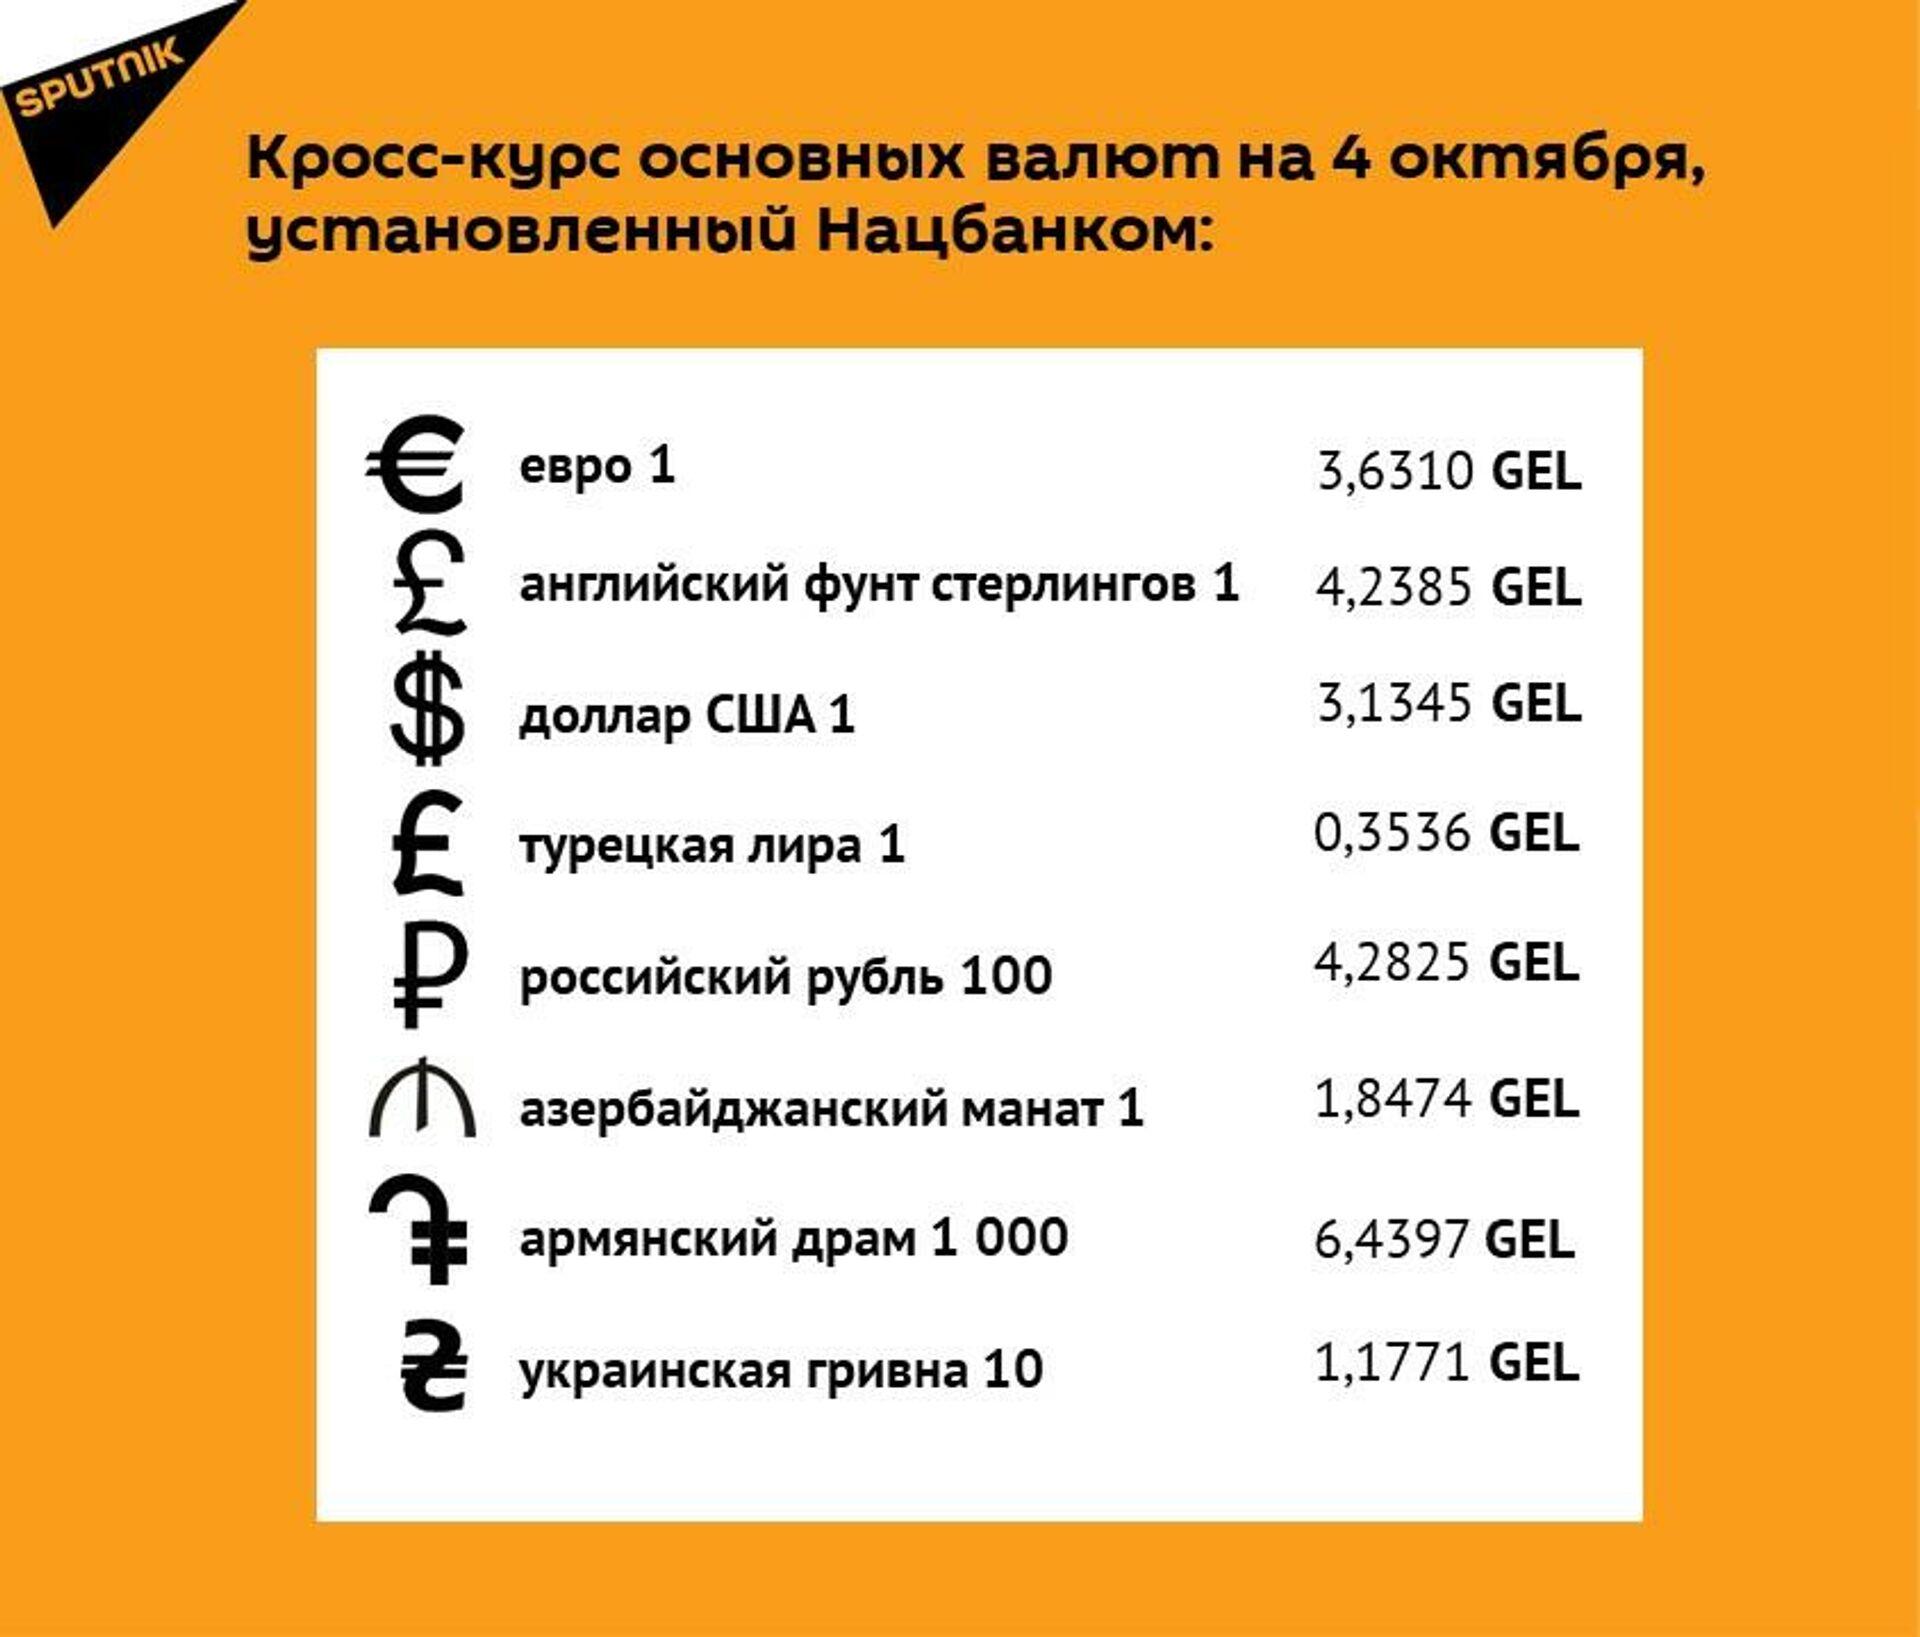 Кросс-курс основных валют на 4 октября - Sputnik Грузия, 1920, 01.10.2021